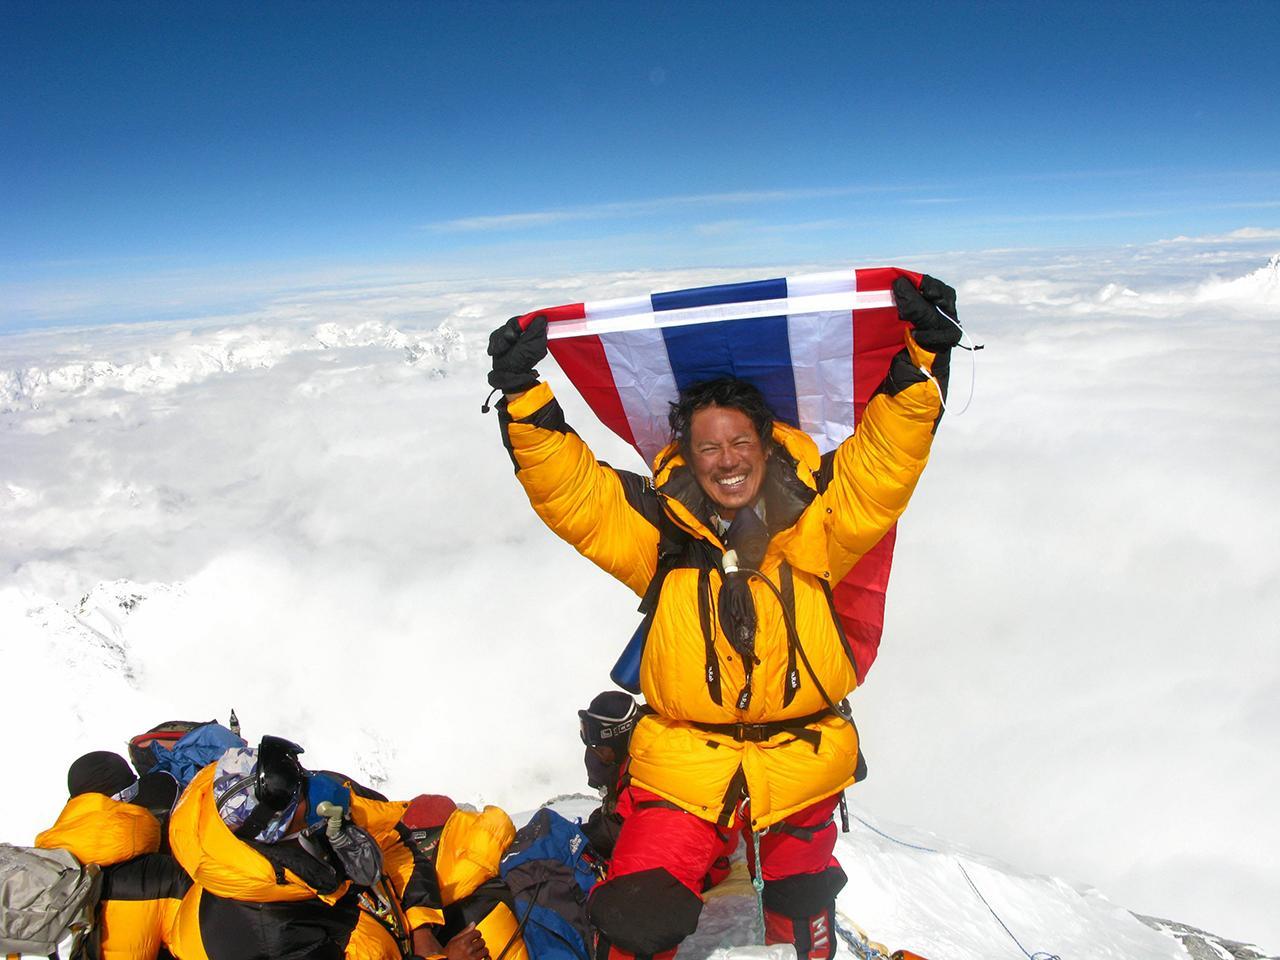 วิทิตนันท์ คนไทยผู้พิชิต ยอดเขาเอเวอเรสต์สำเร็จ.